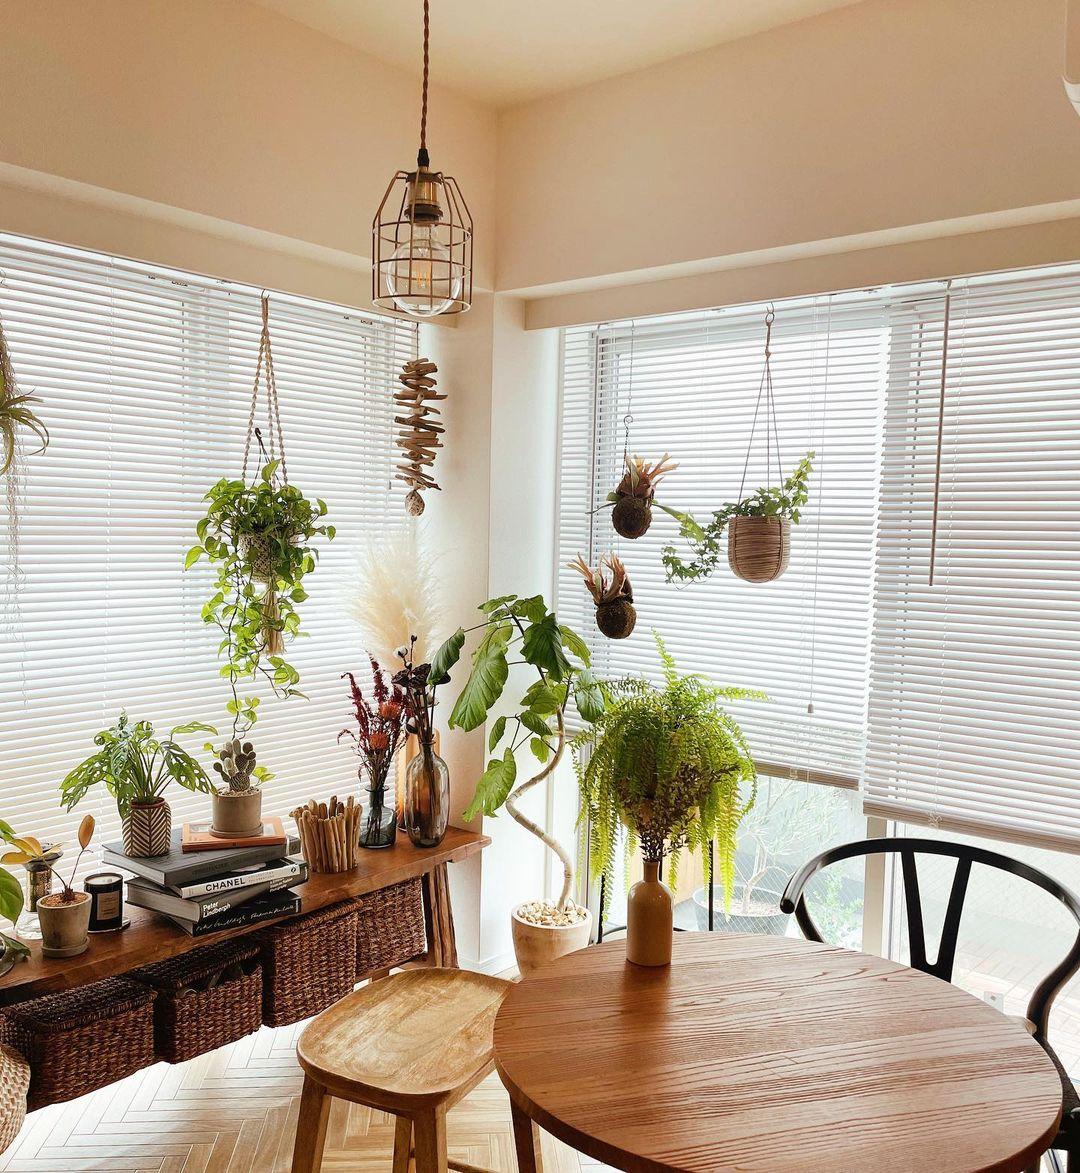 窓が2方向にあって明るいお部屋。植物もたくさん飾られていて、お部屋に入ったときまず目がいく、印象的な空間に。